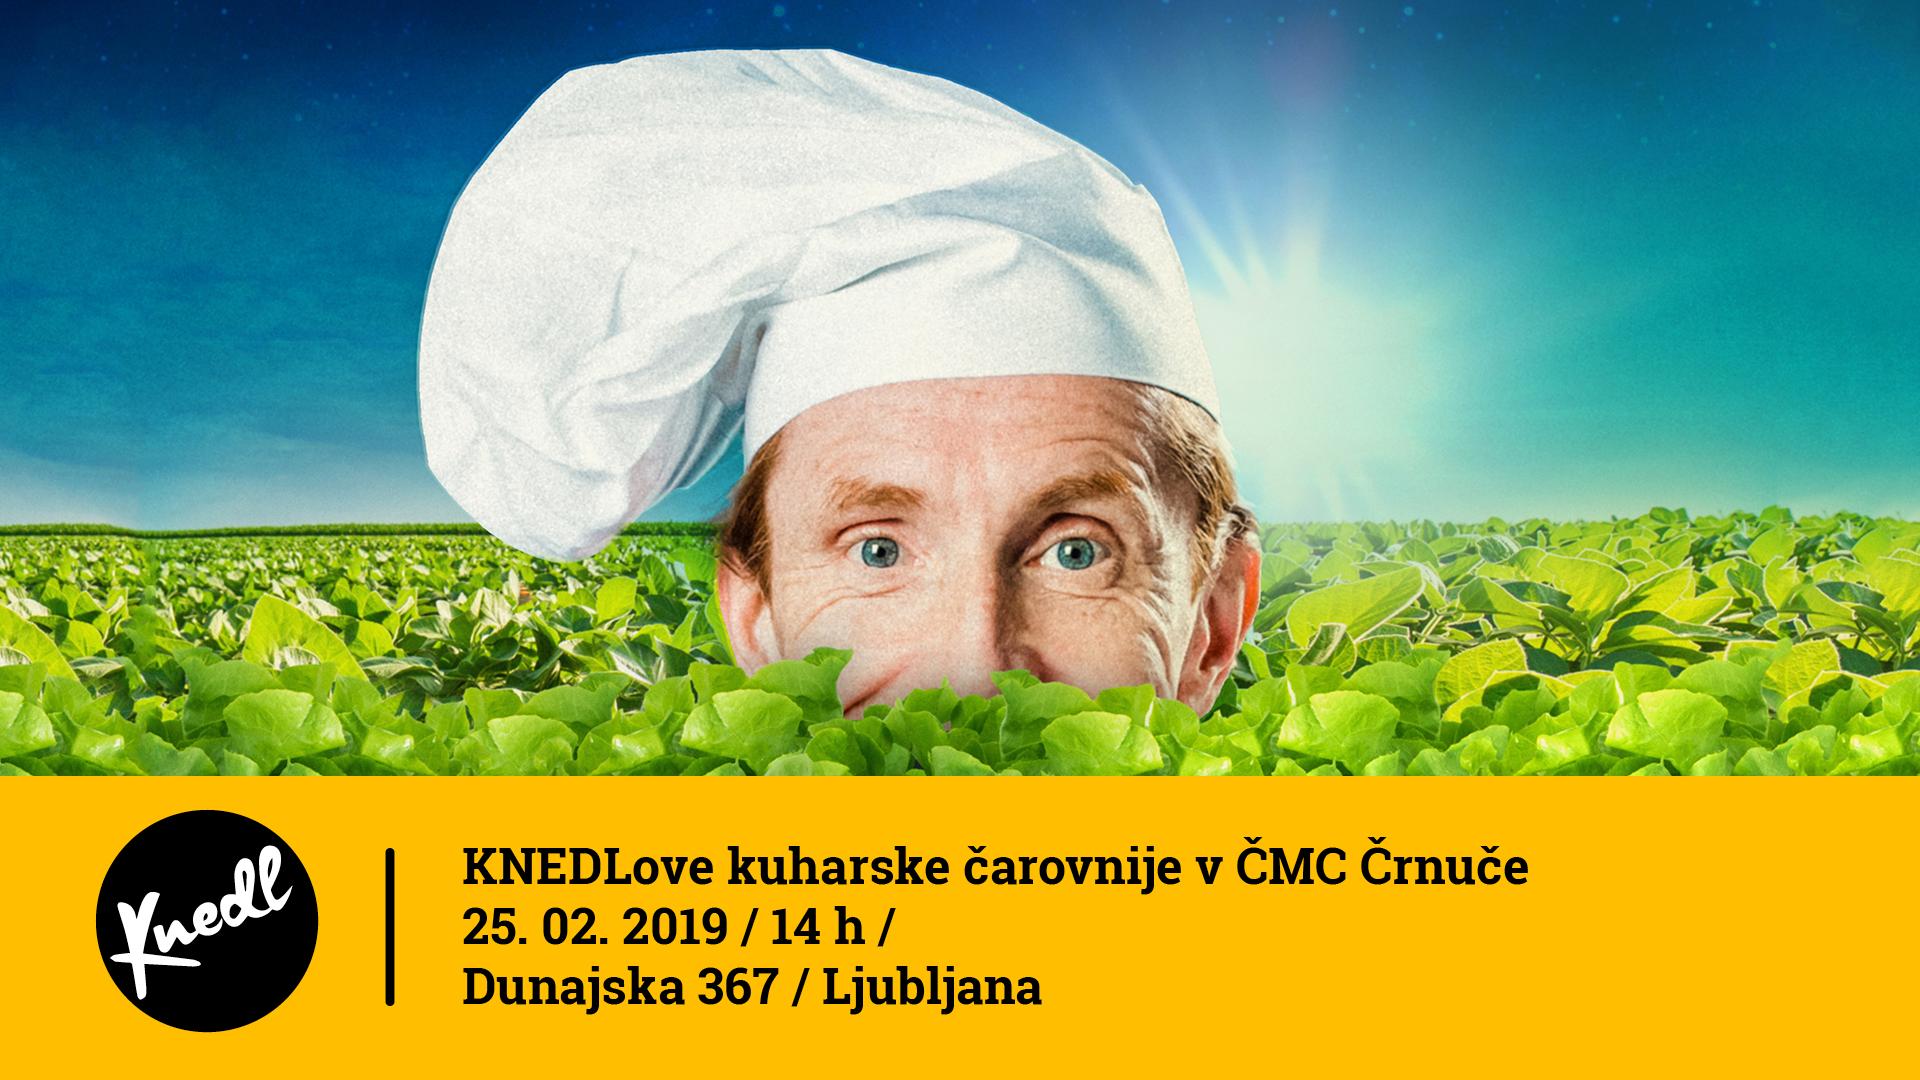 2019_02_25_KNEDLove_kuharske_carovnije_ČMC_Črnu�e.png